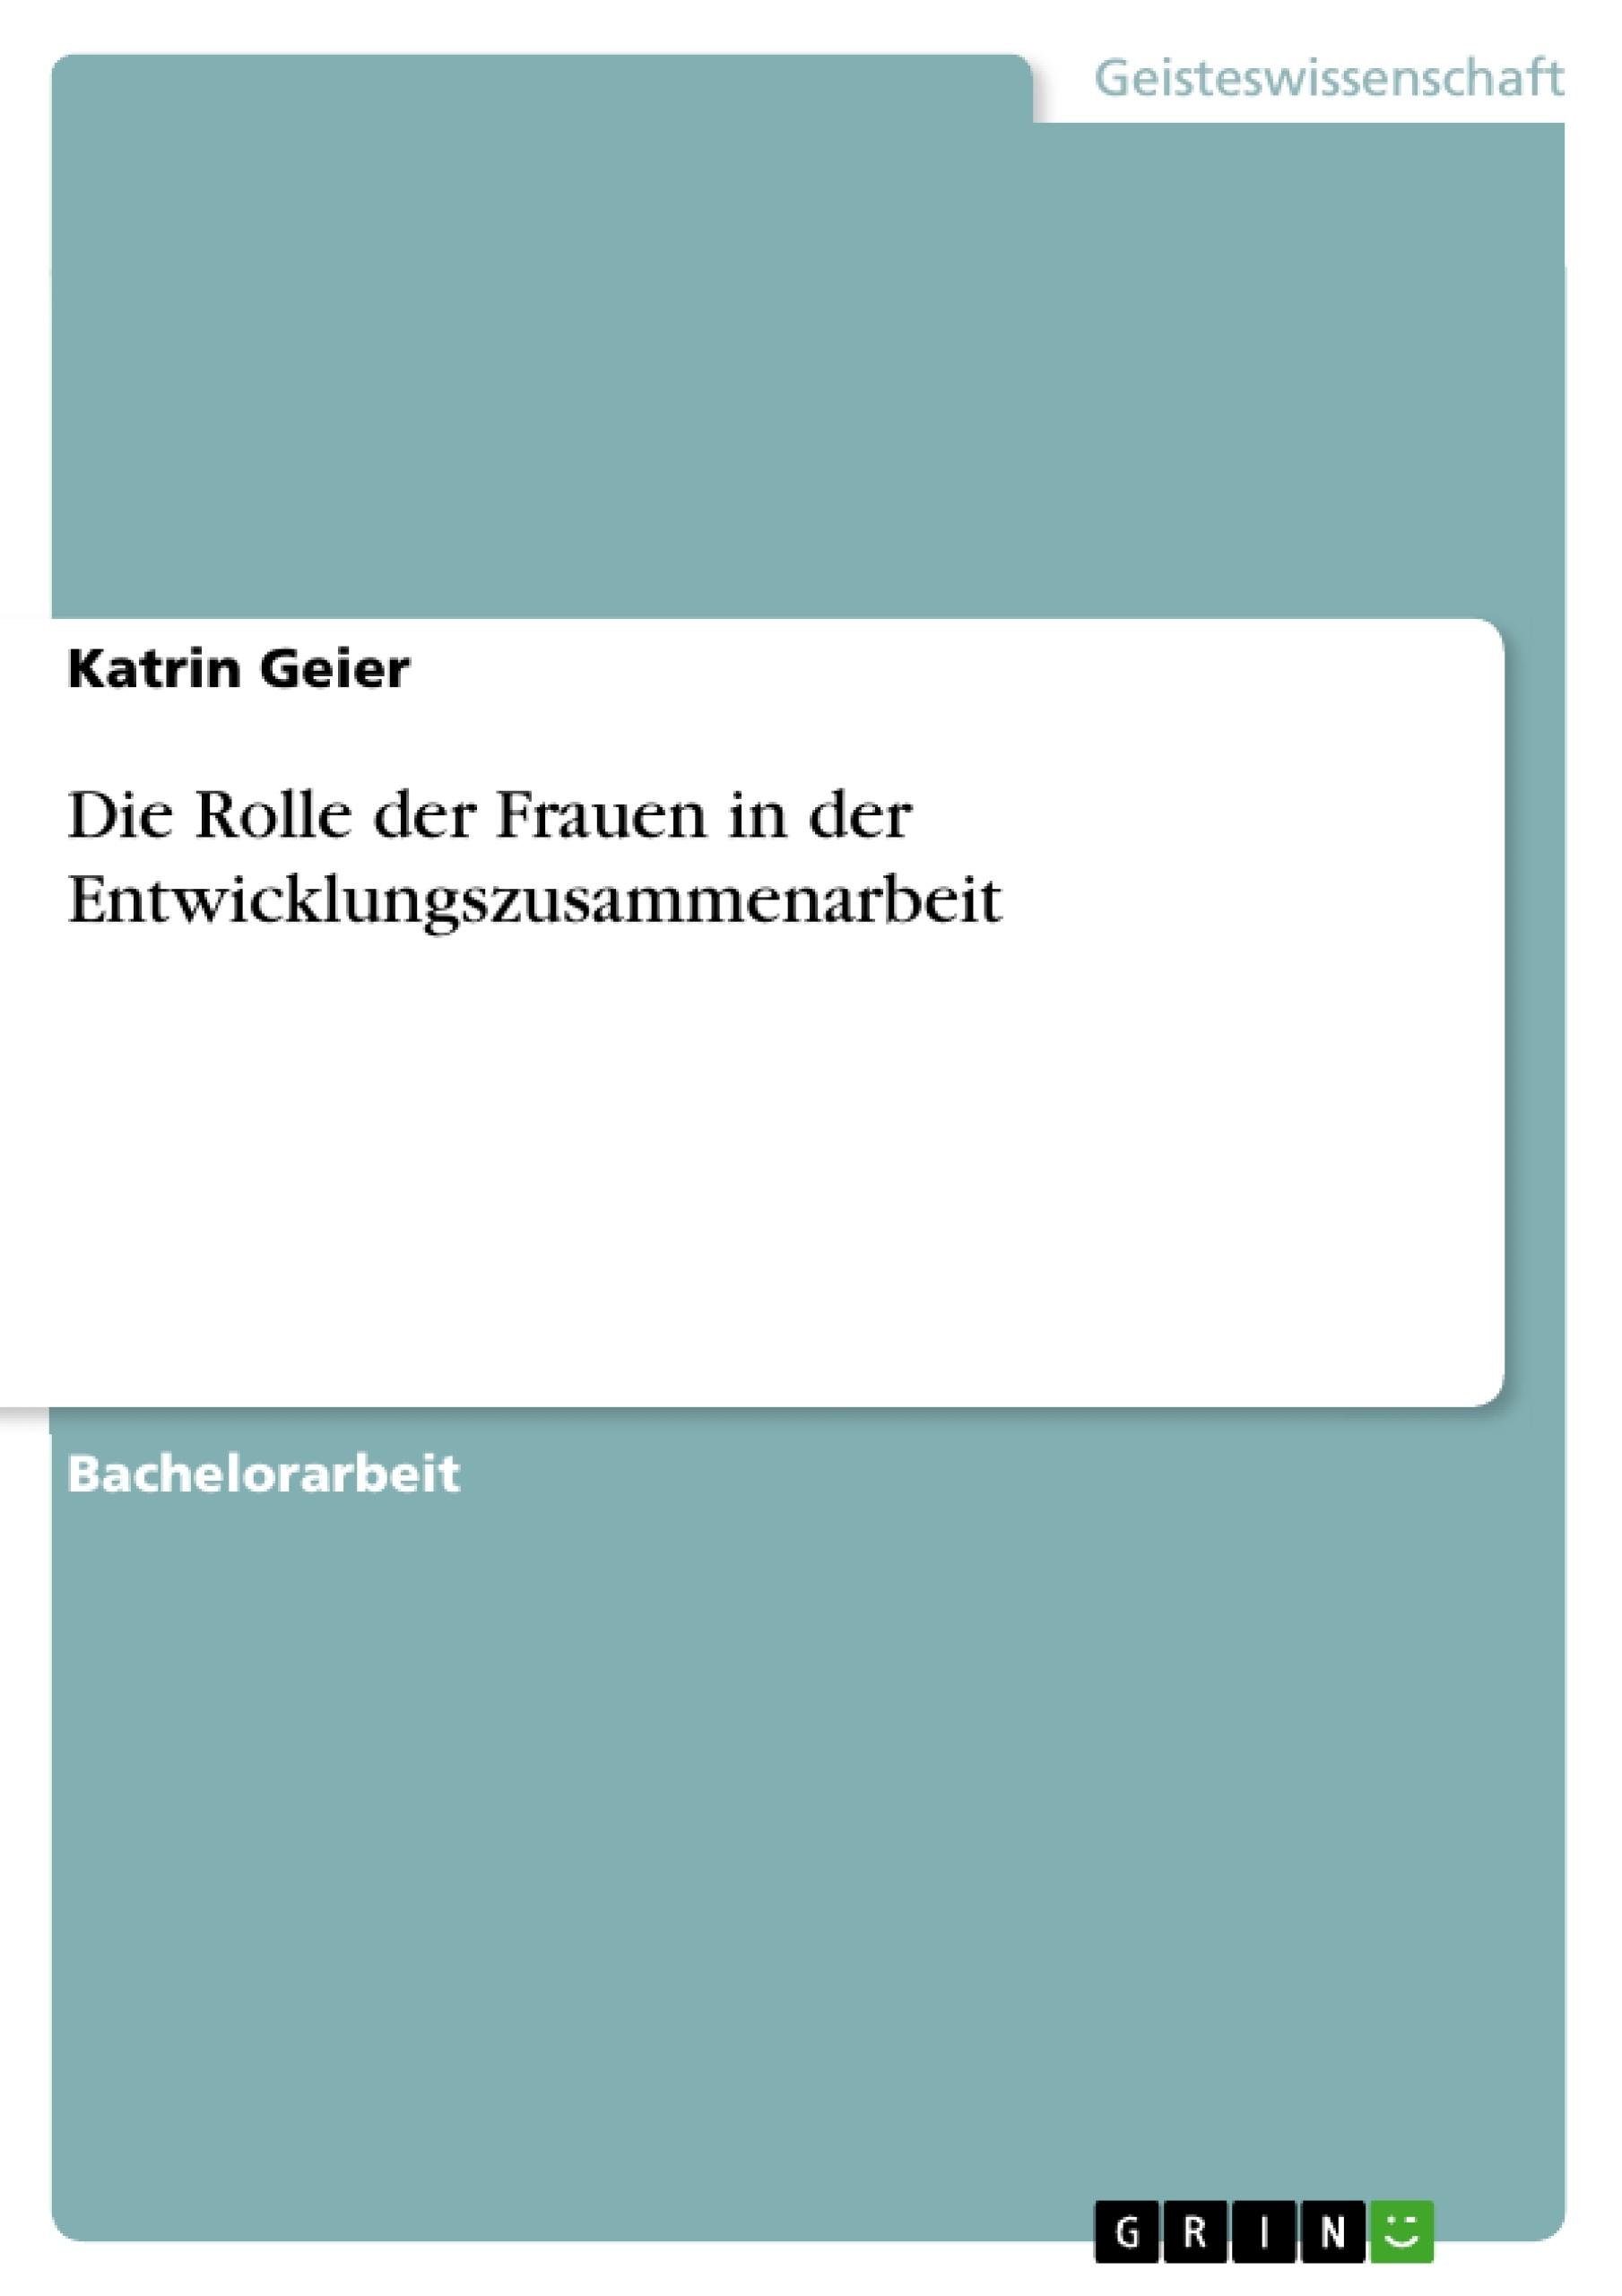 Titel: Die Rolle der Frauen in der Entwicklungszusammenarbeit